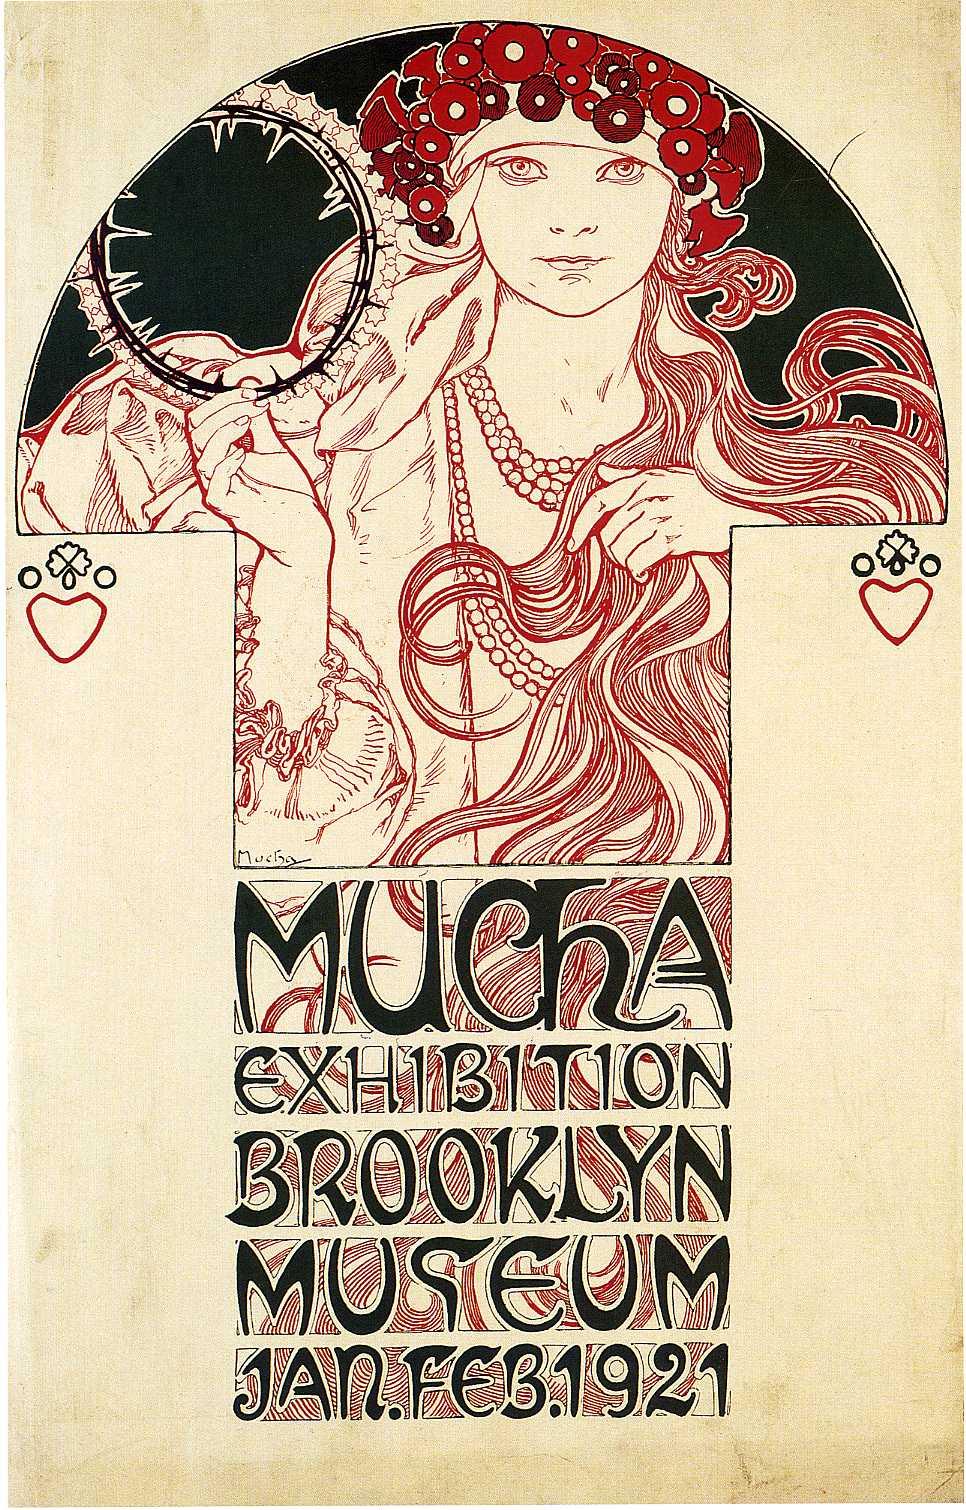 Афиша для Бруклинской музейной выставки-1921